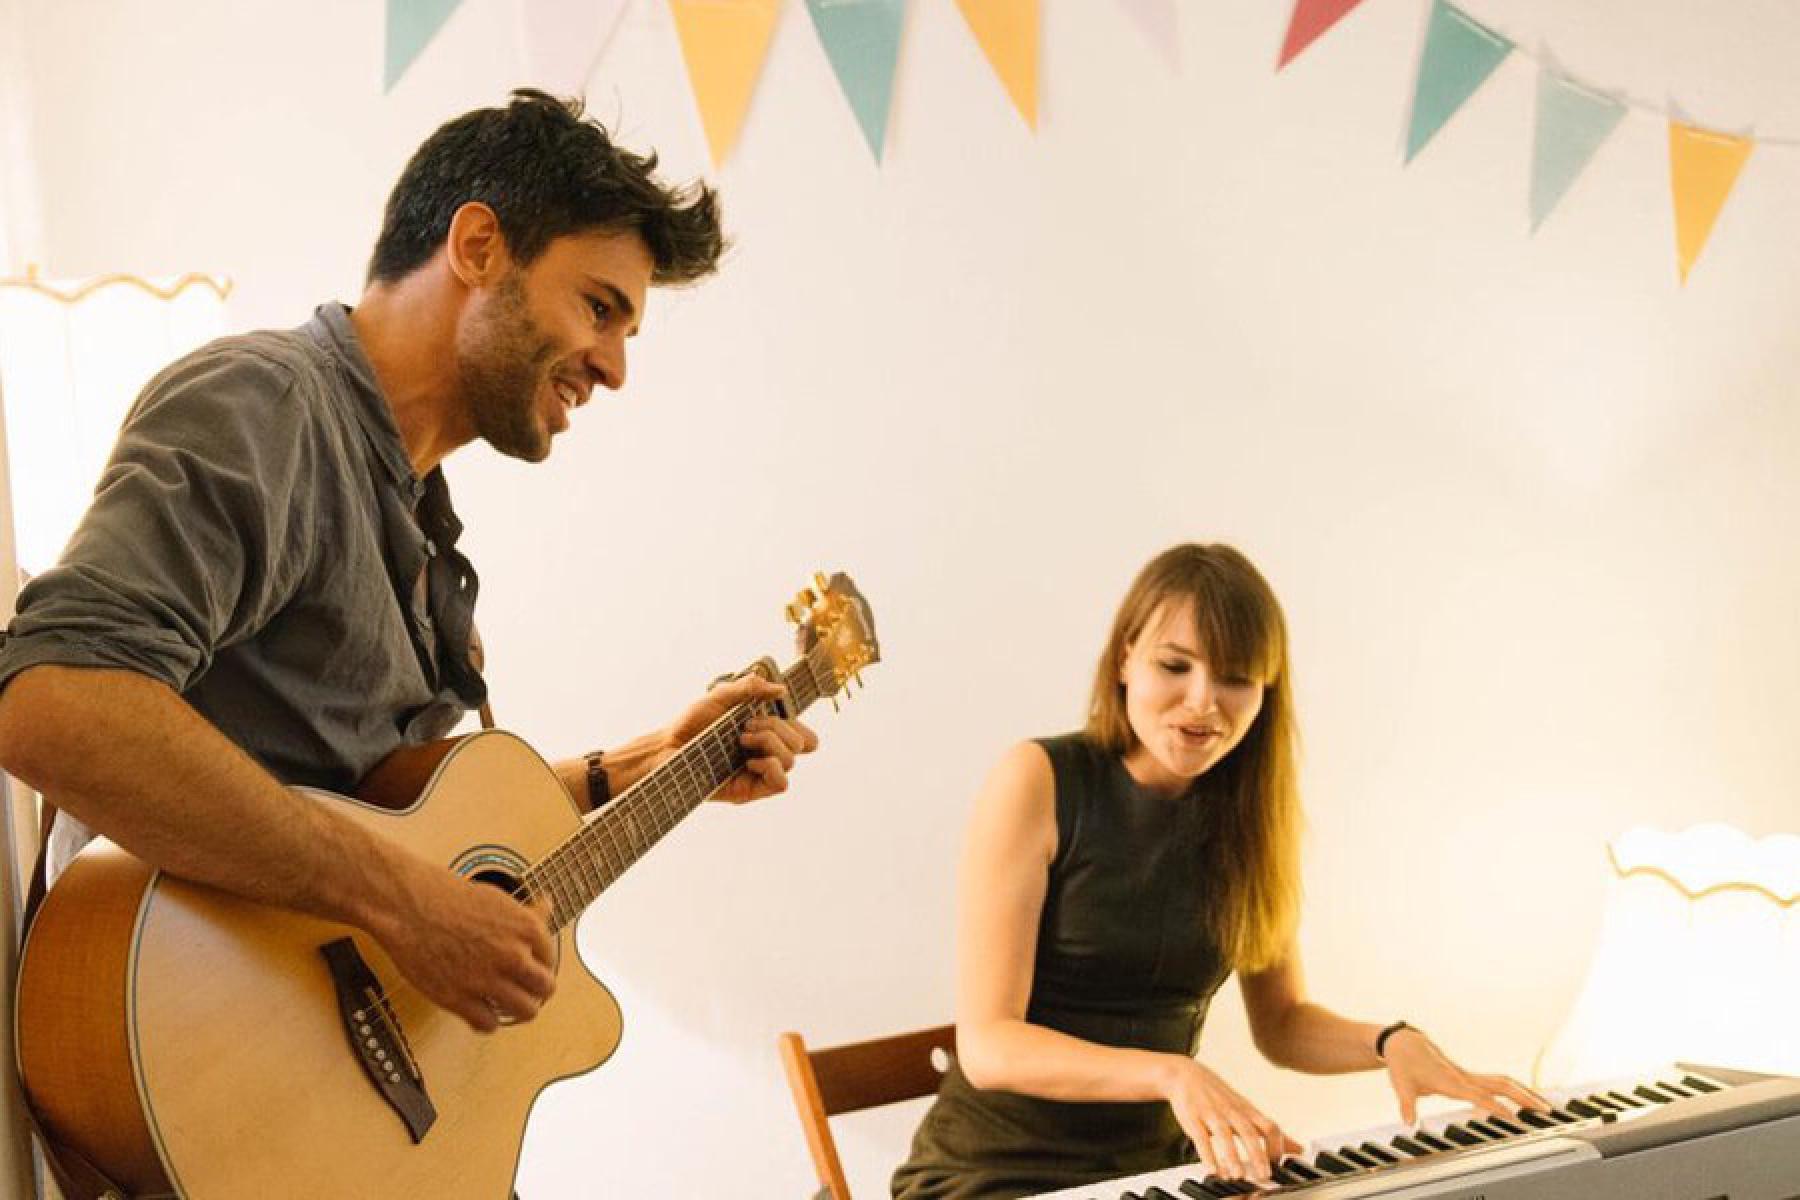 Musiker Konzert Wohnzimmer